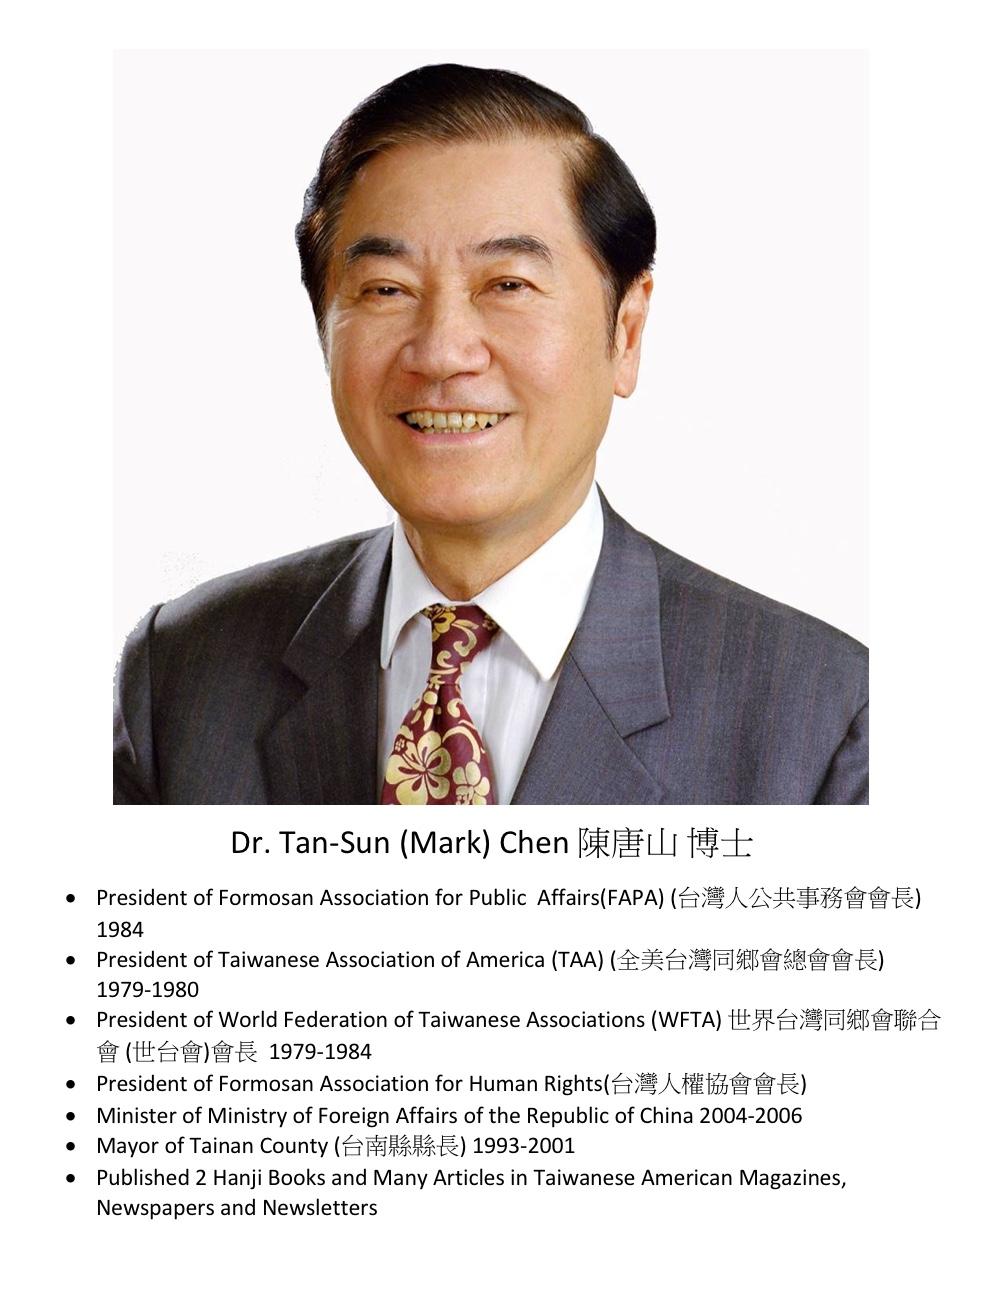 204. Dr. Tan-Sun (Mark) Chen 陳唐山博士